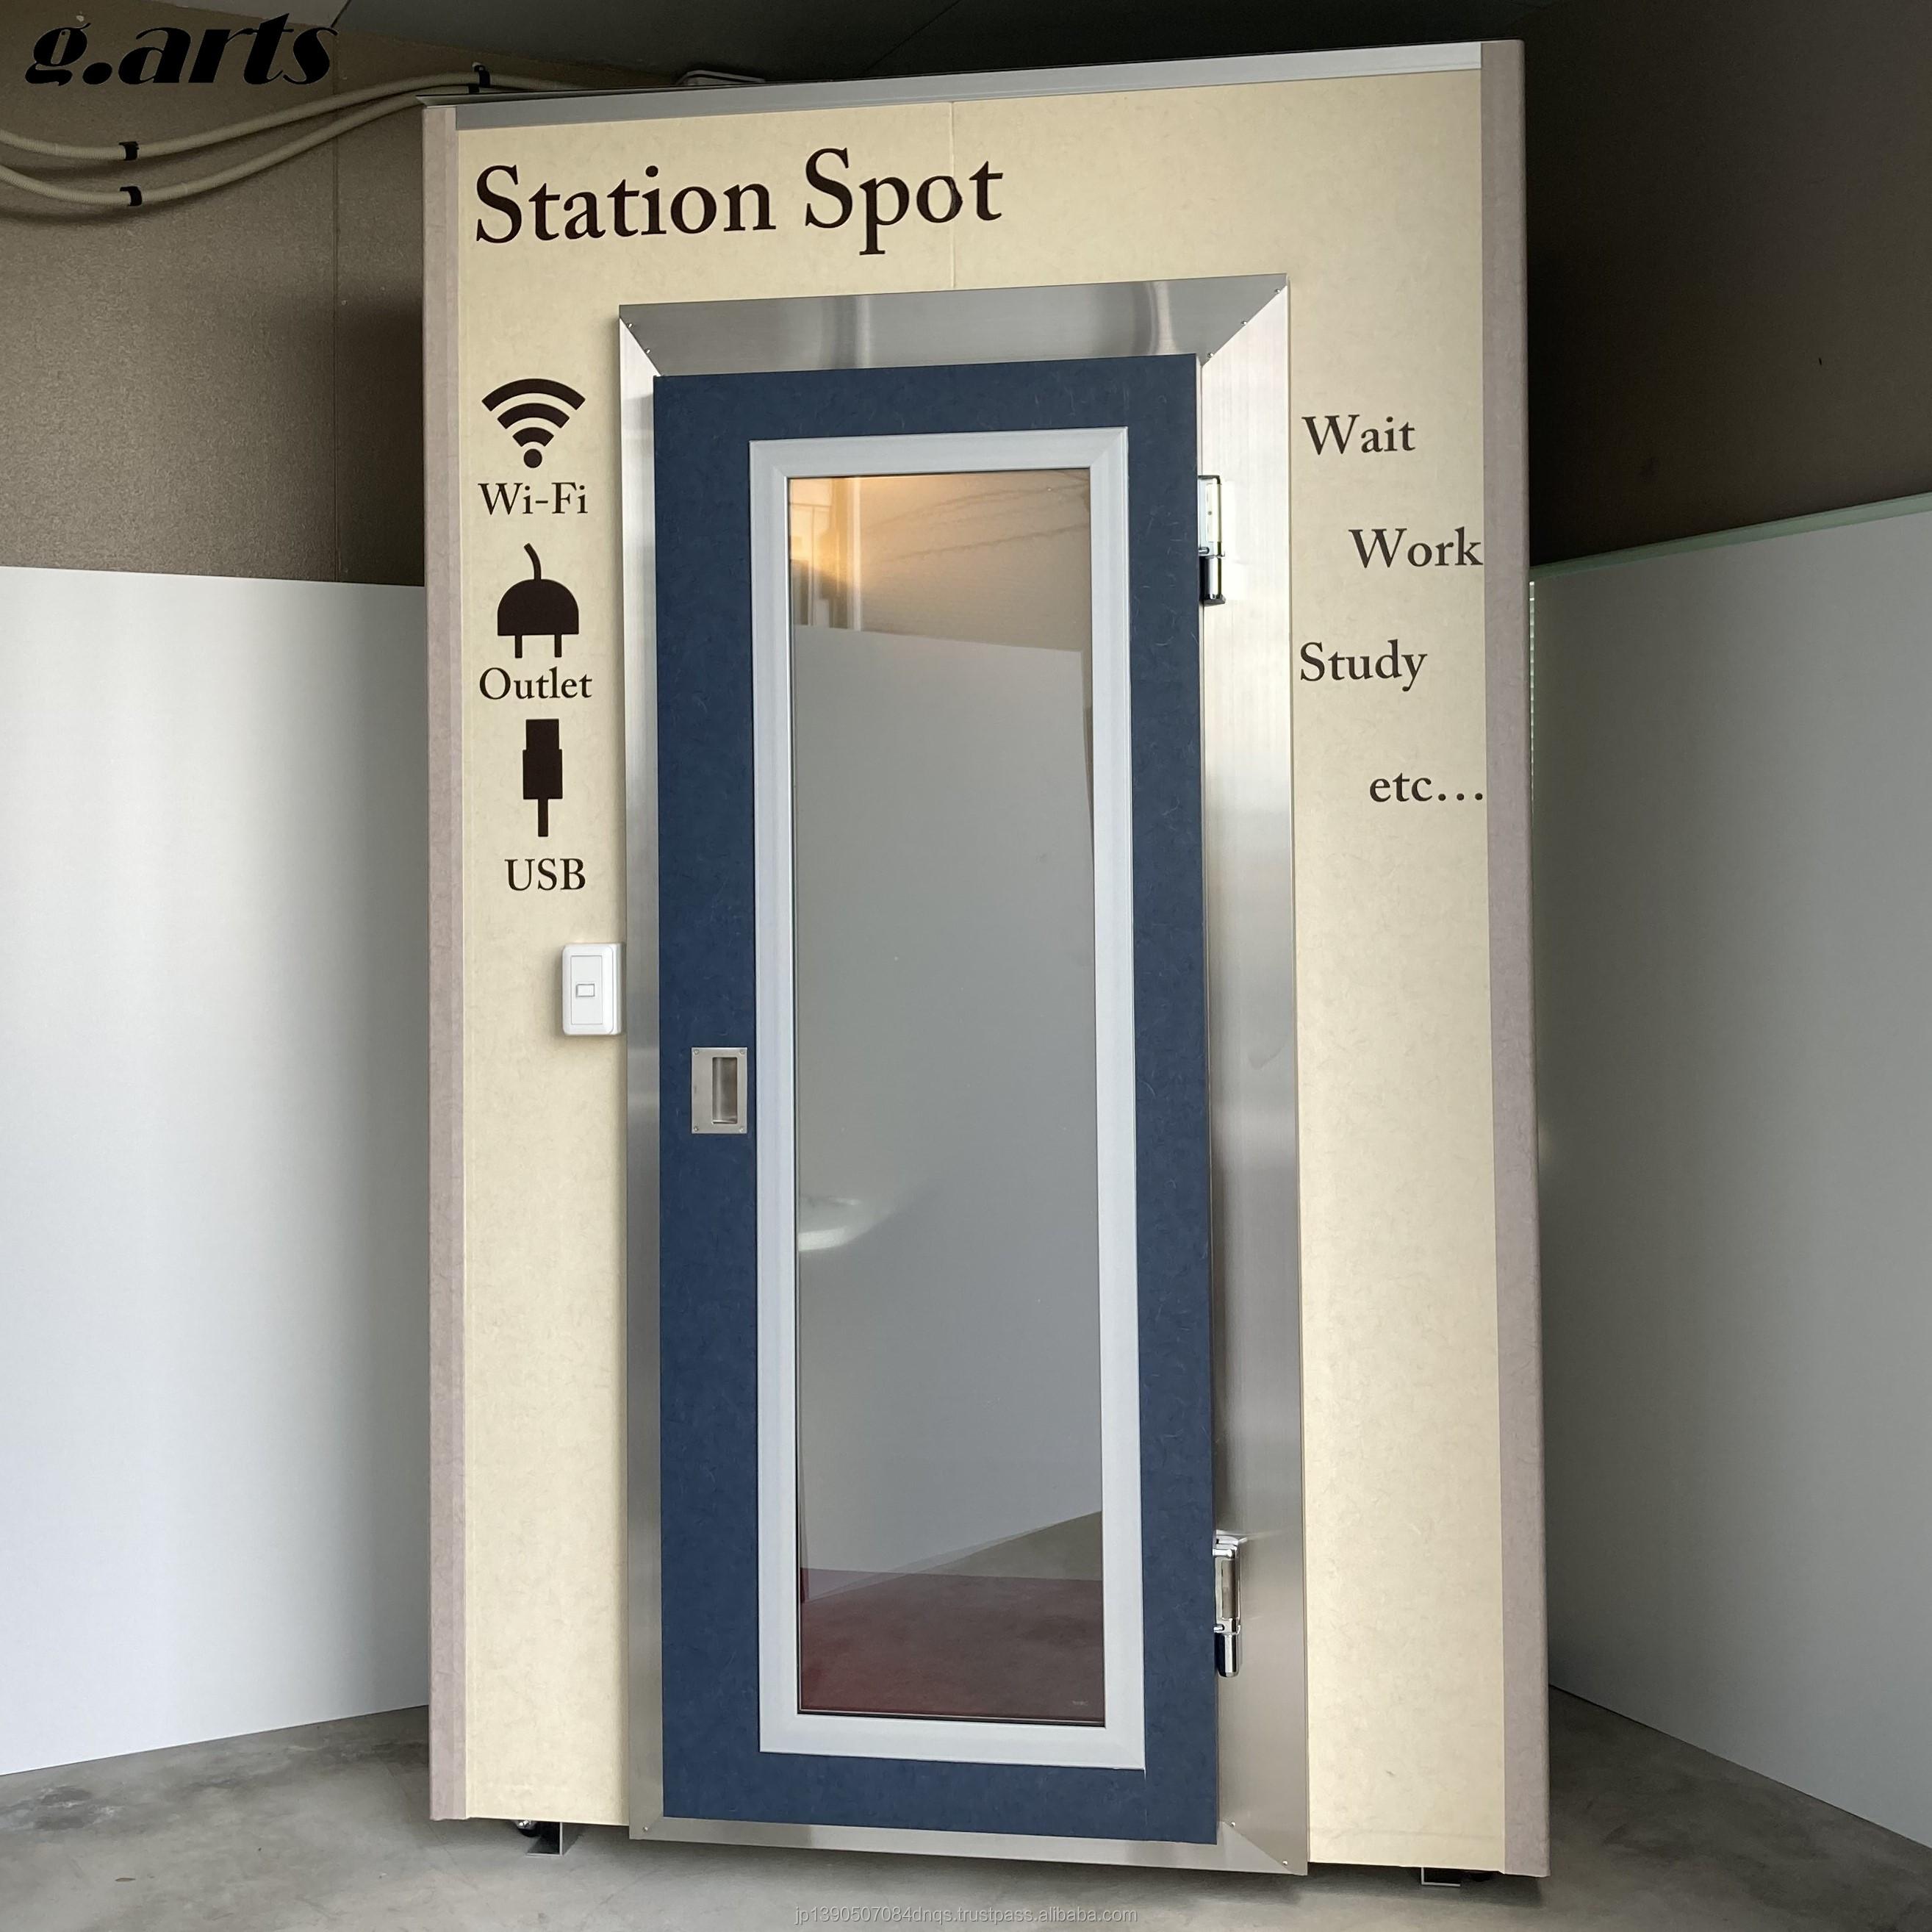 Station Spot